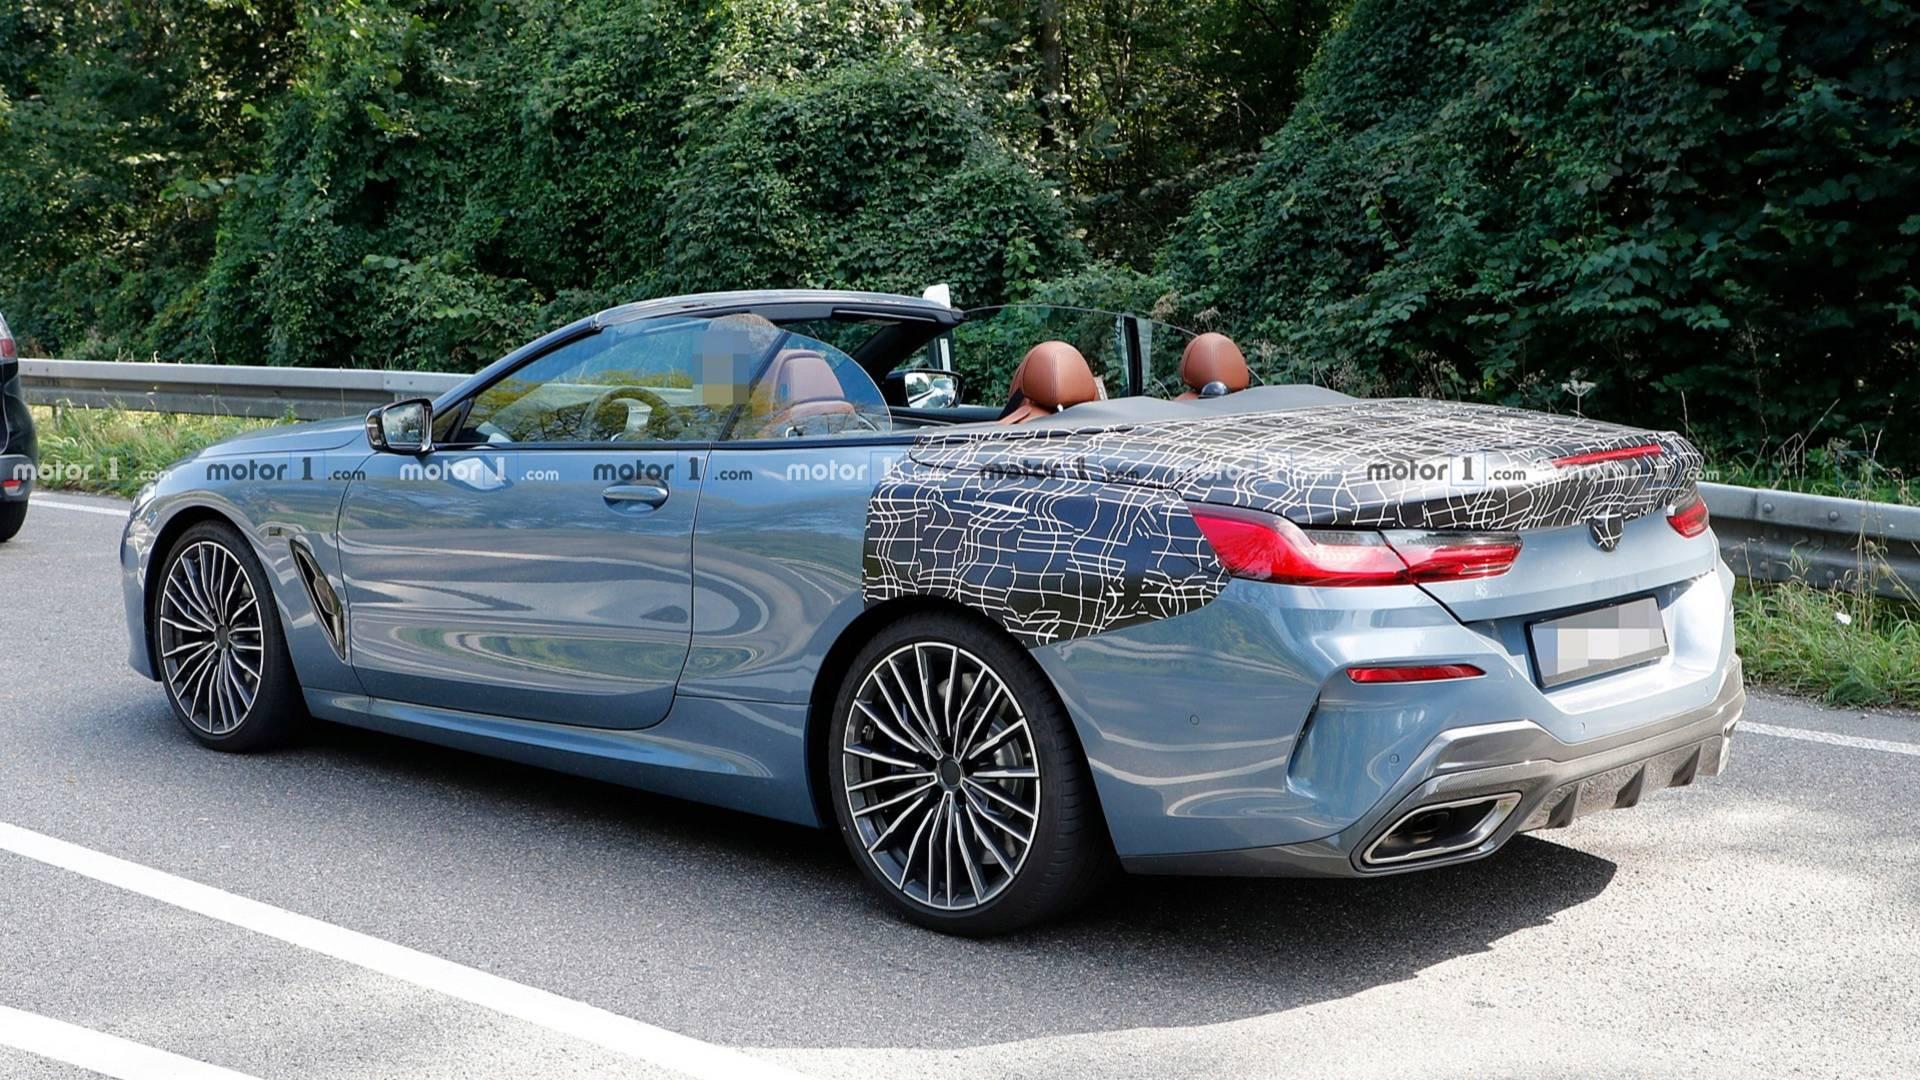 خودروی جدیدی بیامو رونمایی میشود +تصاویر